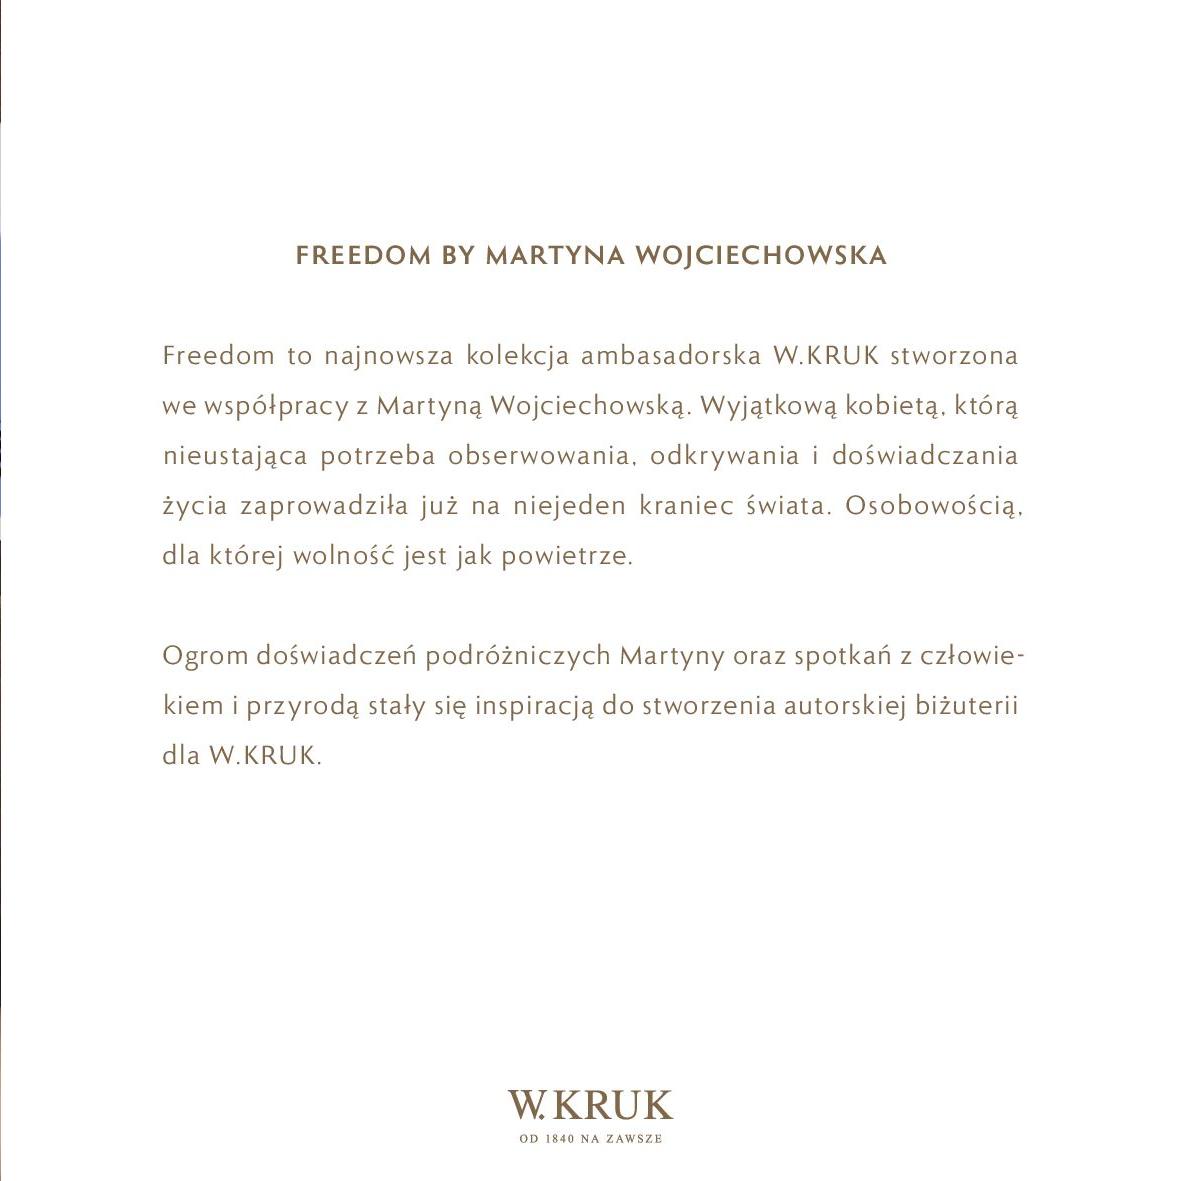 Gazetka W. KRUK: Katalog - Kolekcja Freedom 2021-02-17 page-17